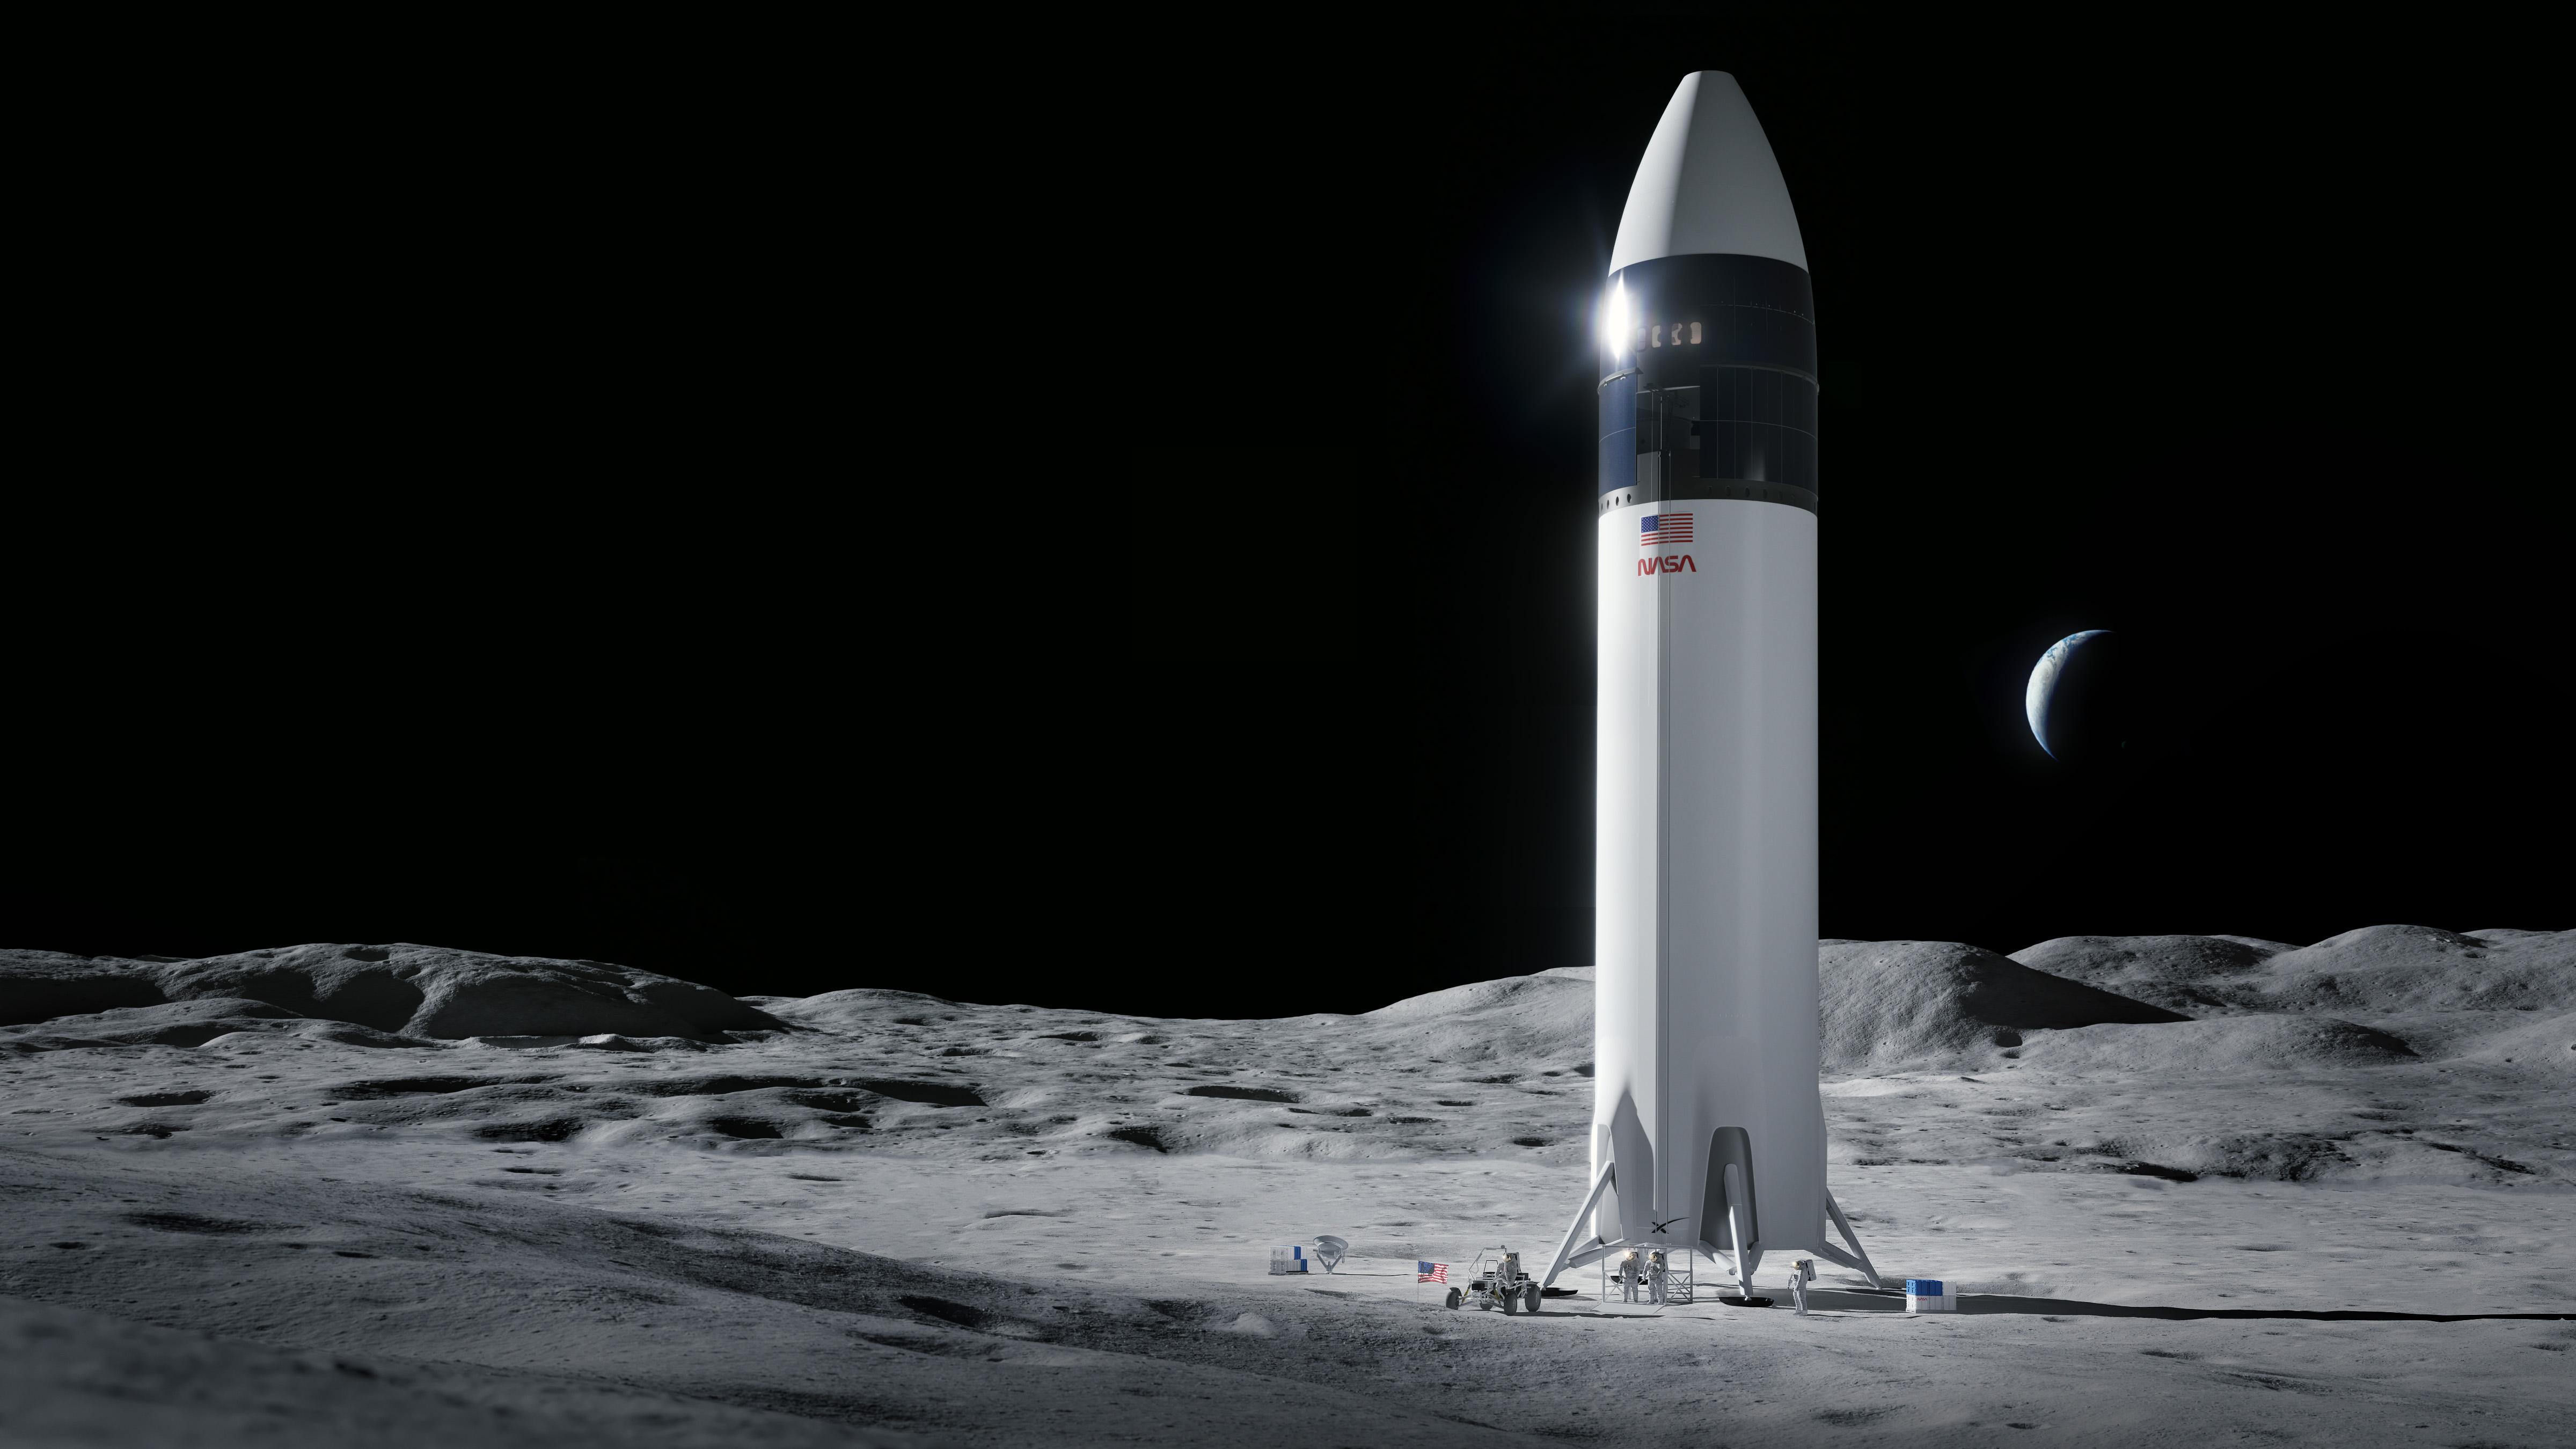 La NASA a choisi le vaisseau spatial Starship de SpaceX, vu ici dans la représentation d'un artiste, pour faire atterrir les astronautes Artemis sur la lune.